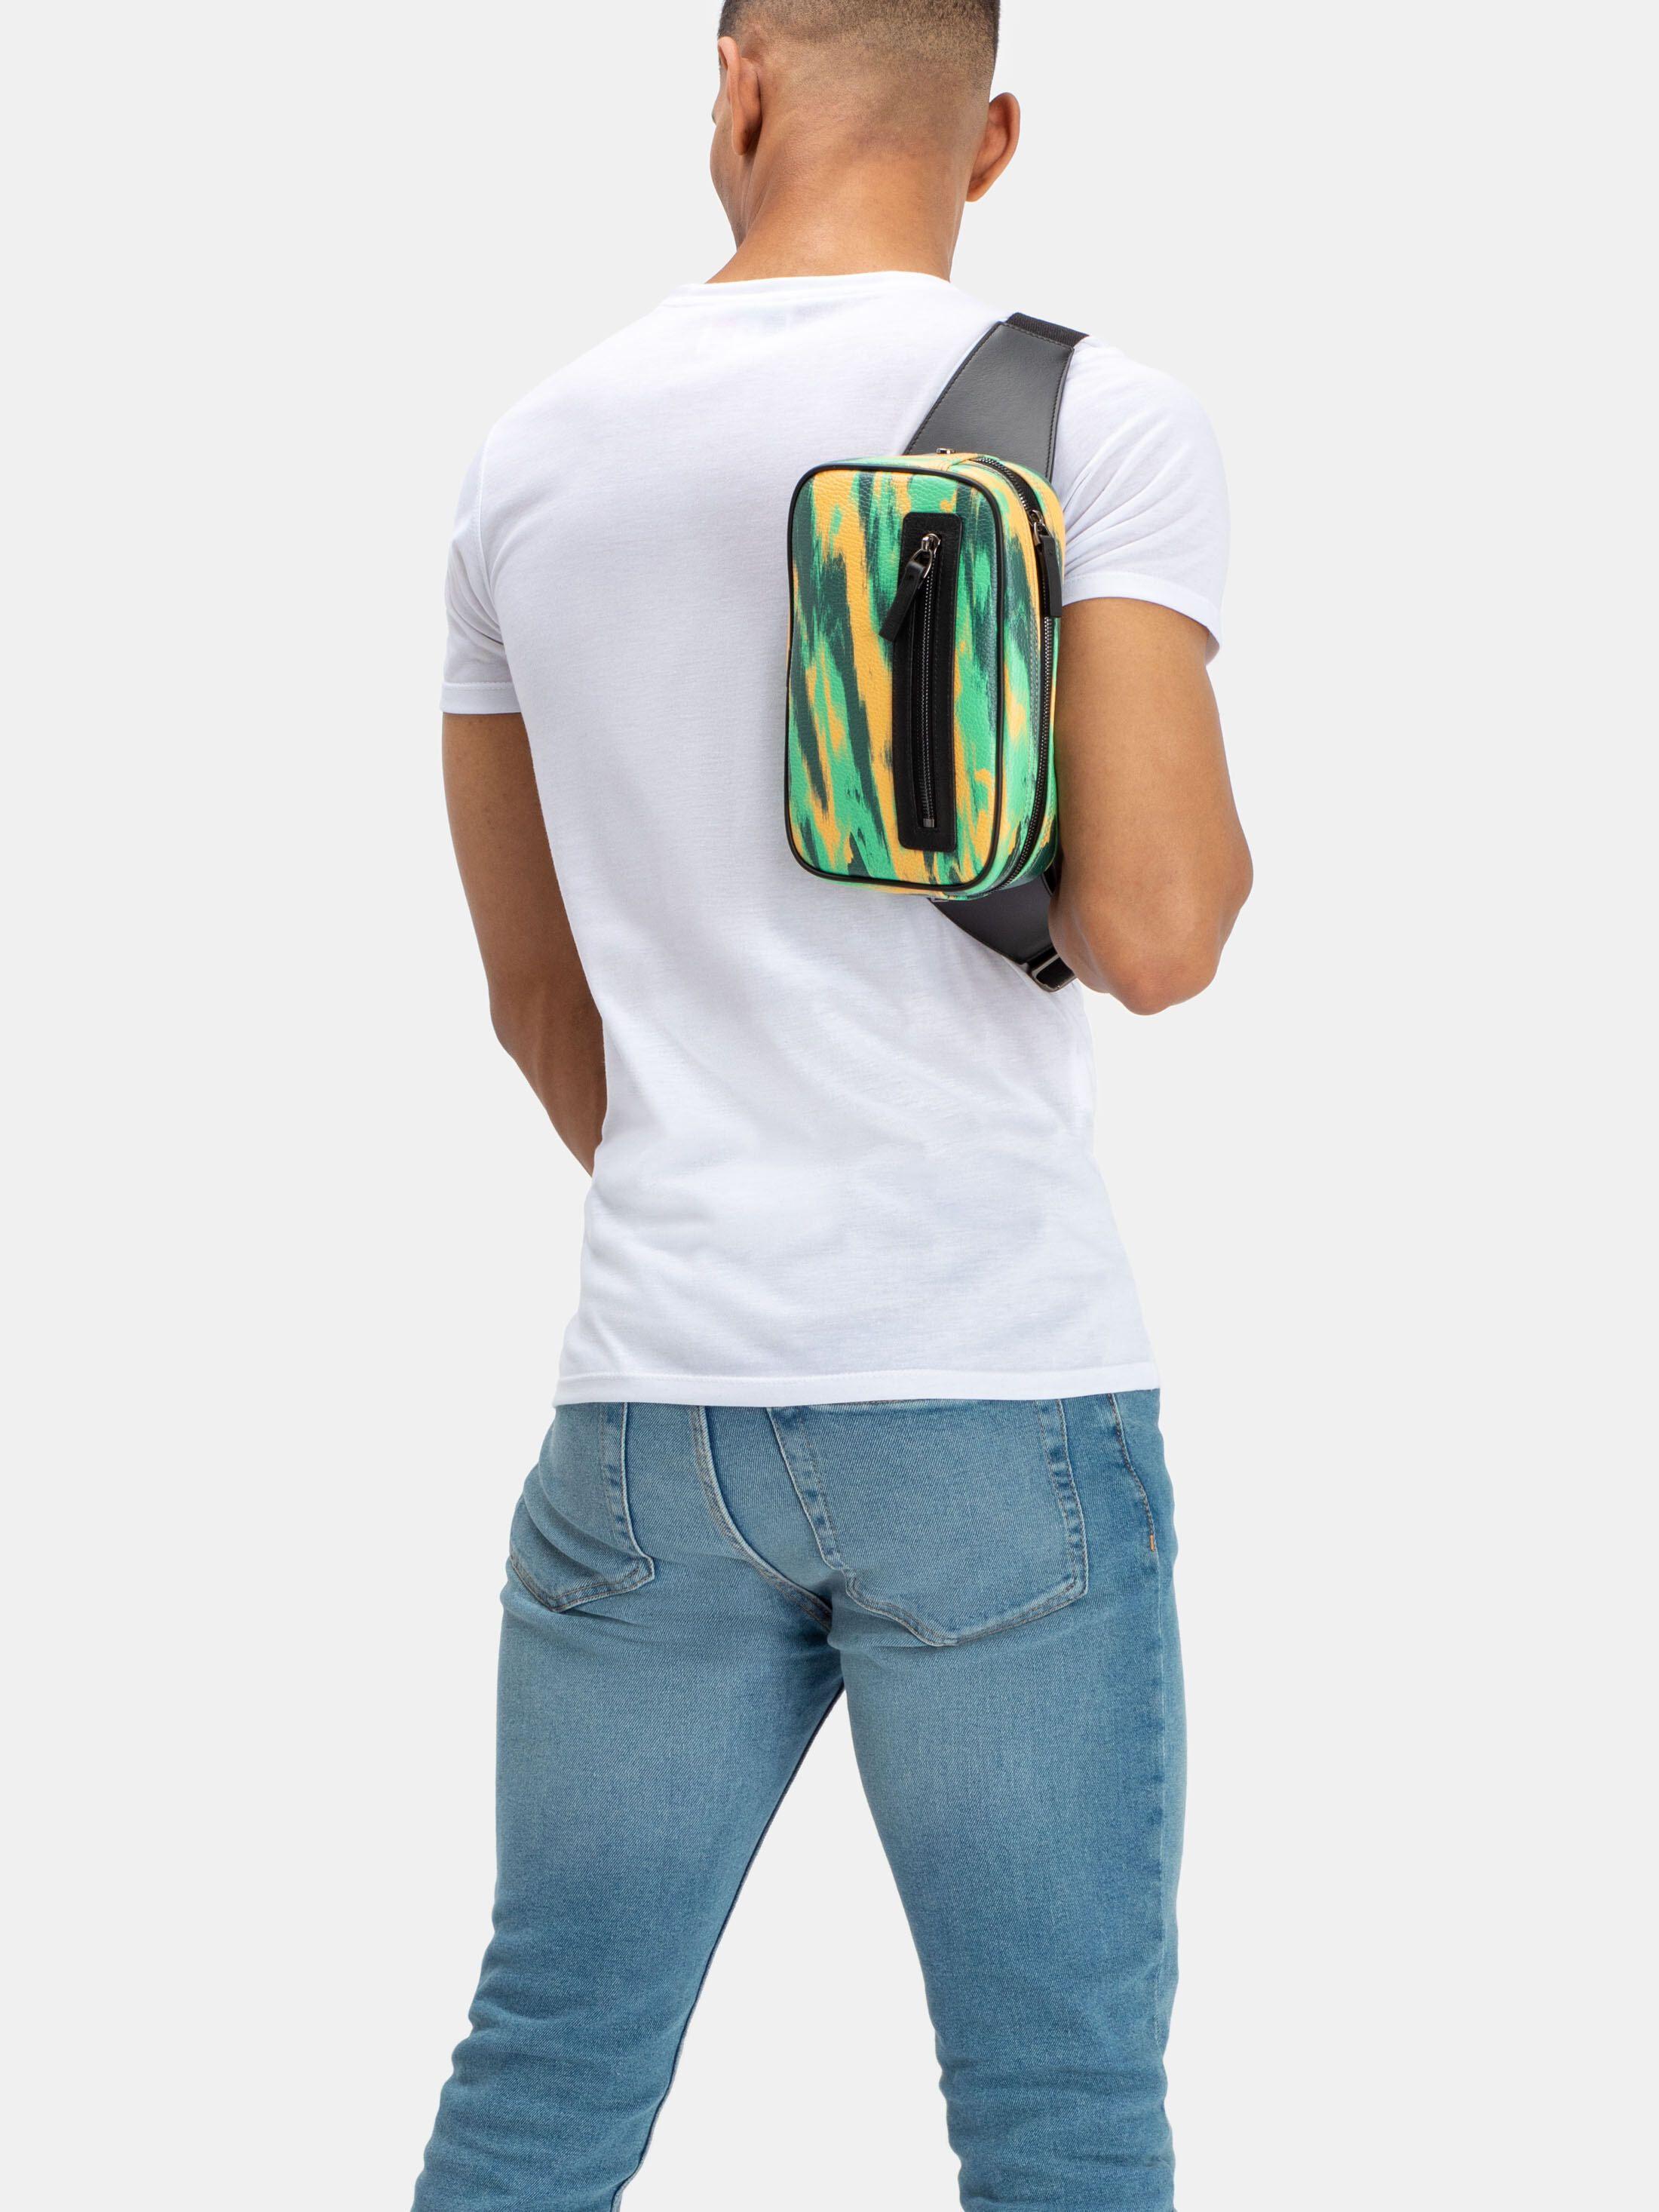 gepersonaliseerde fanny pack met rits